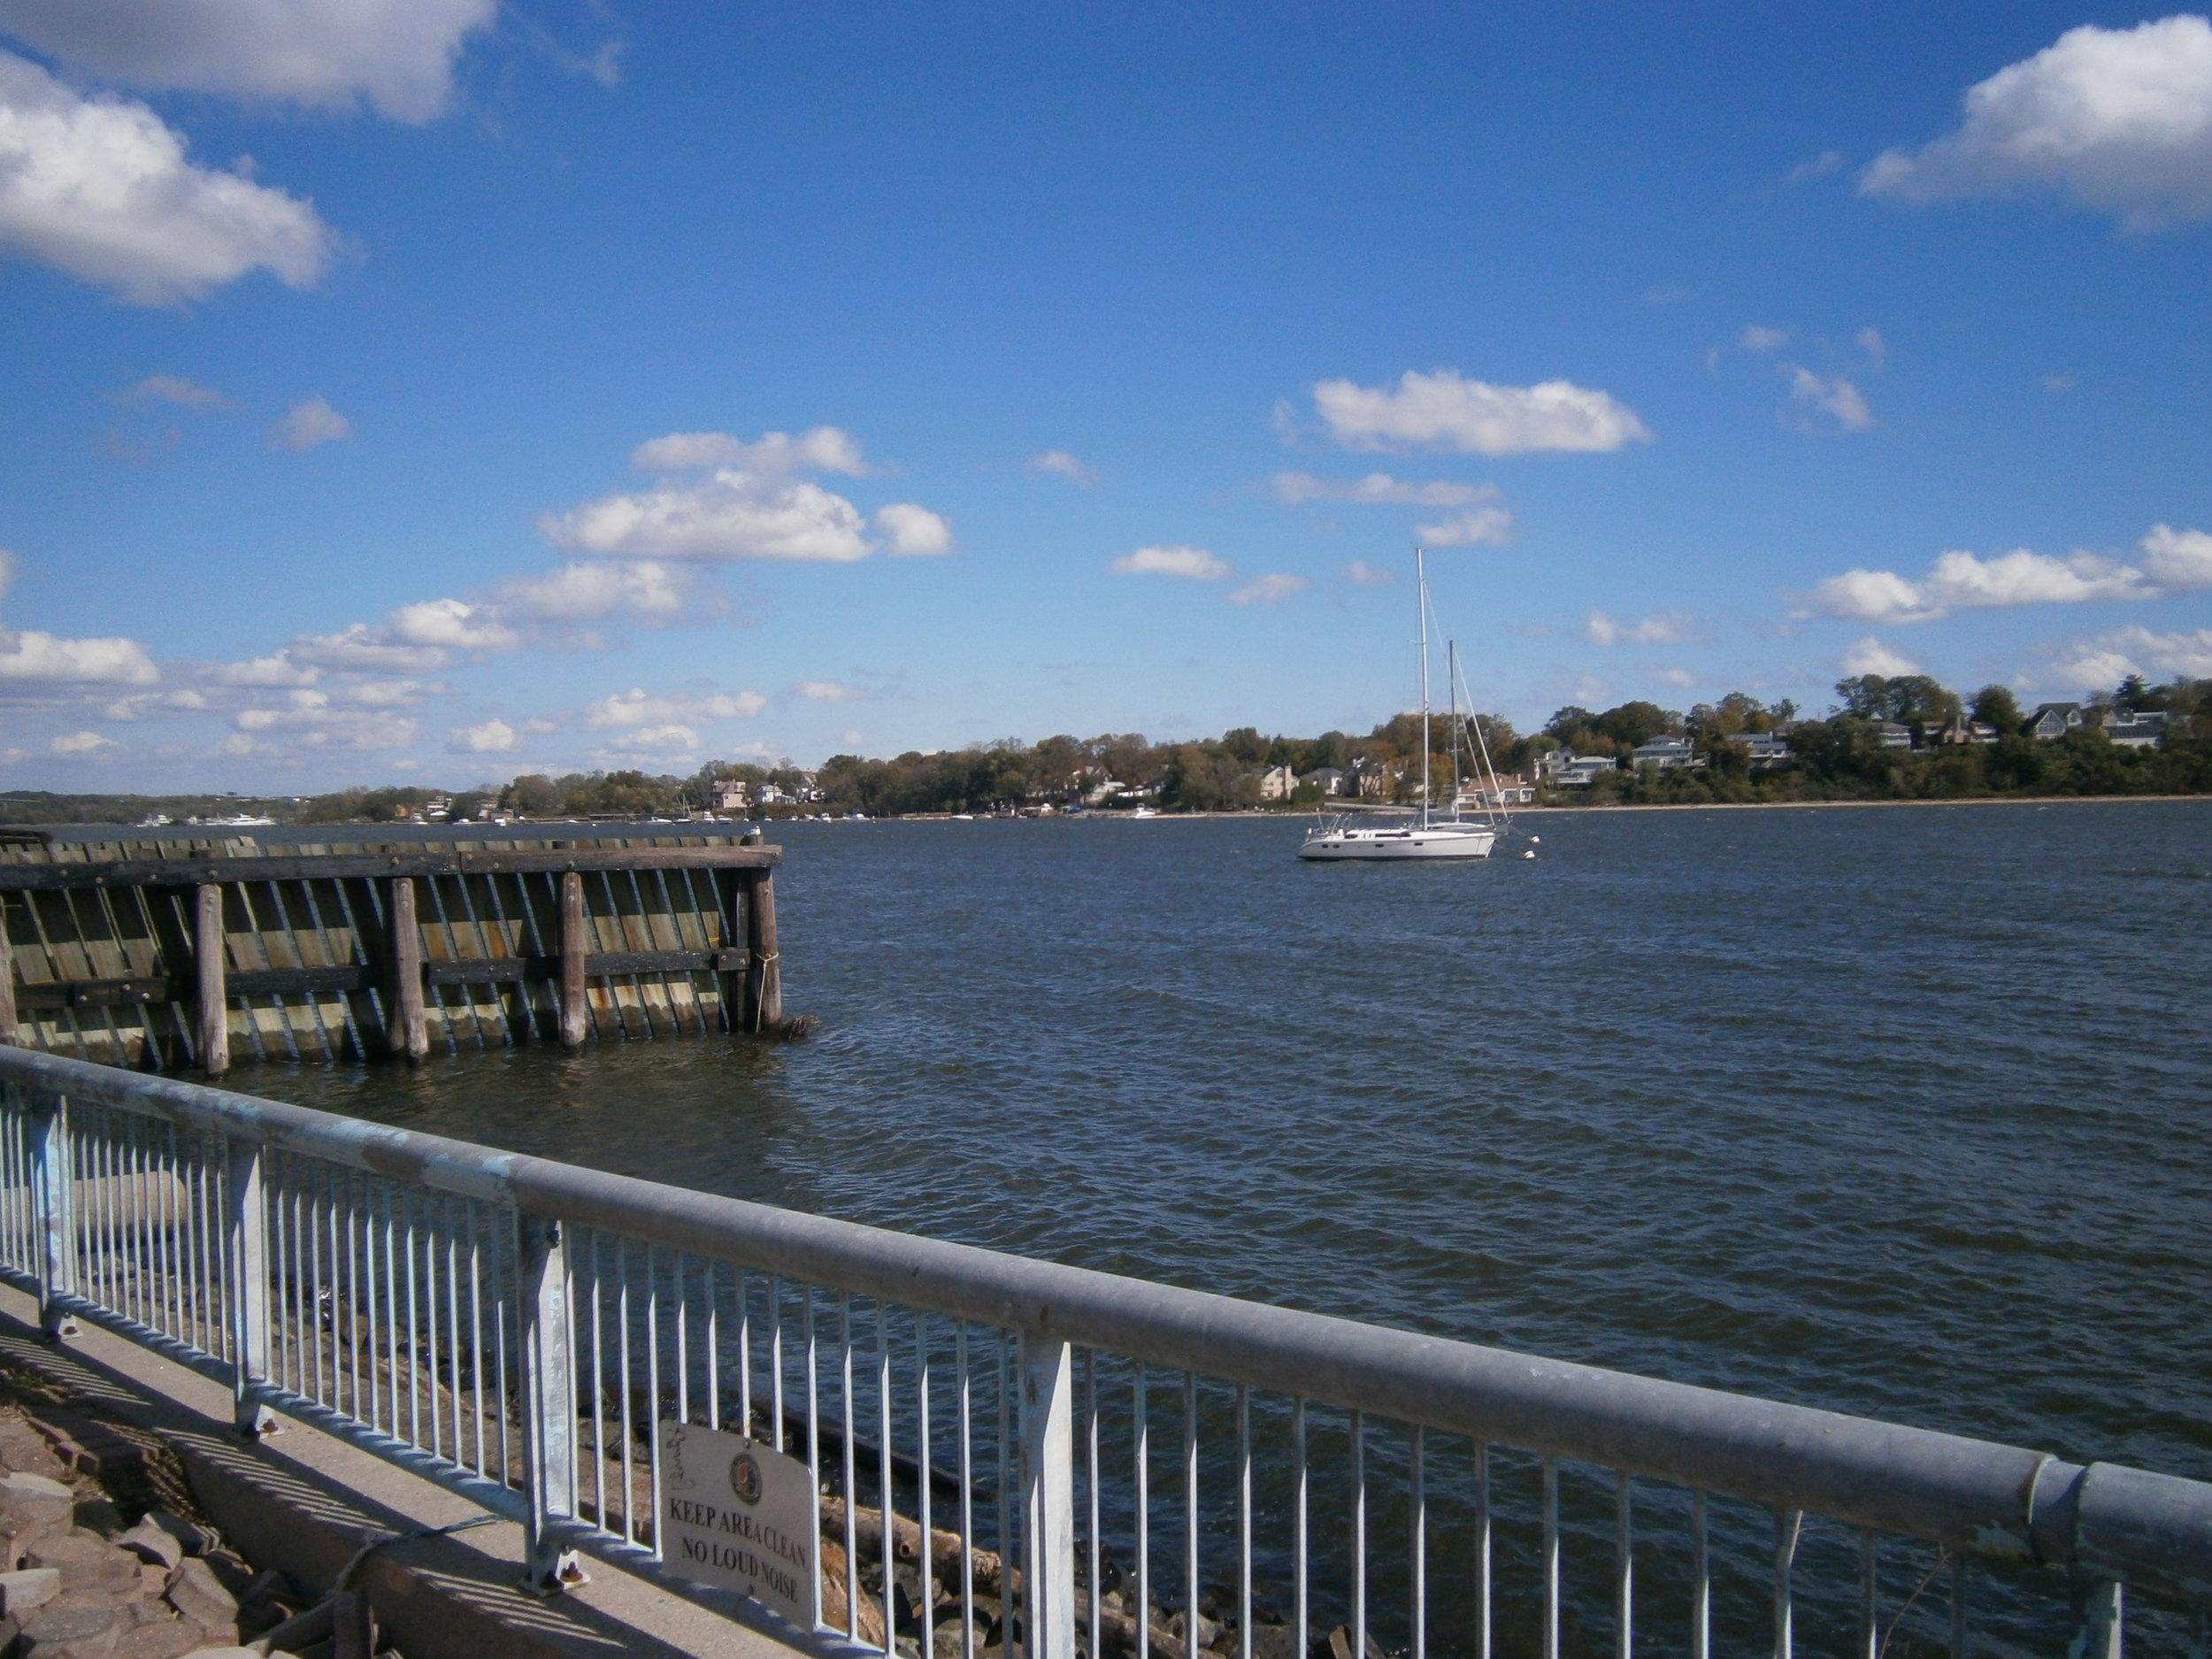 Perth Amboy waterfront.